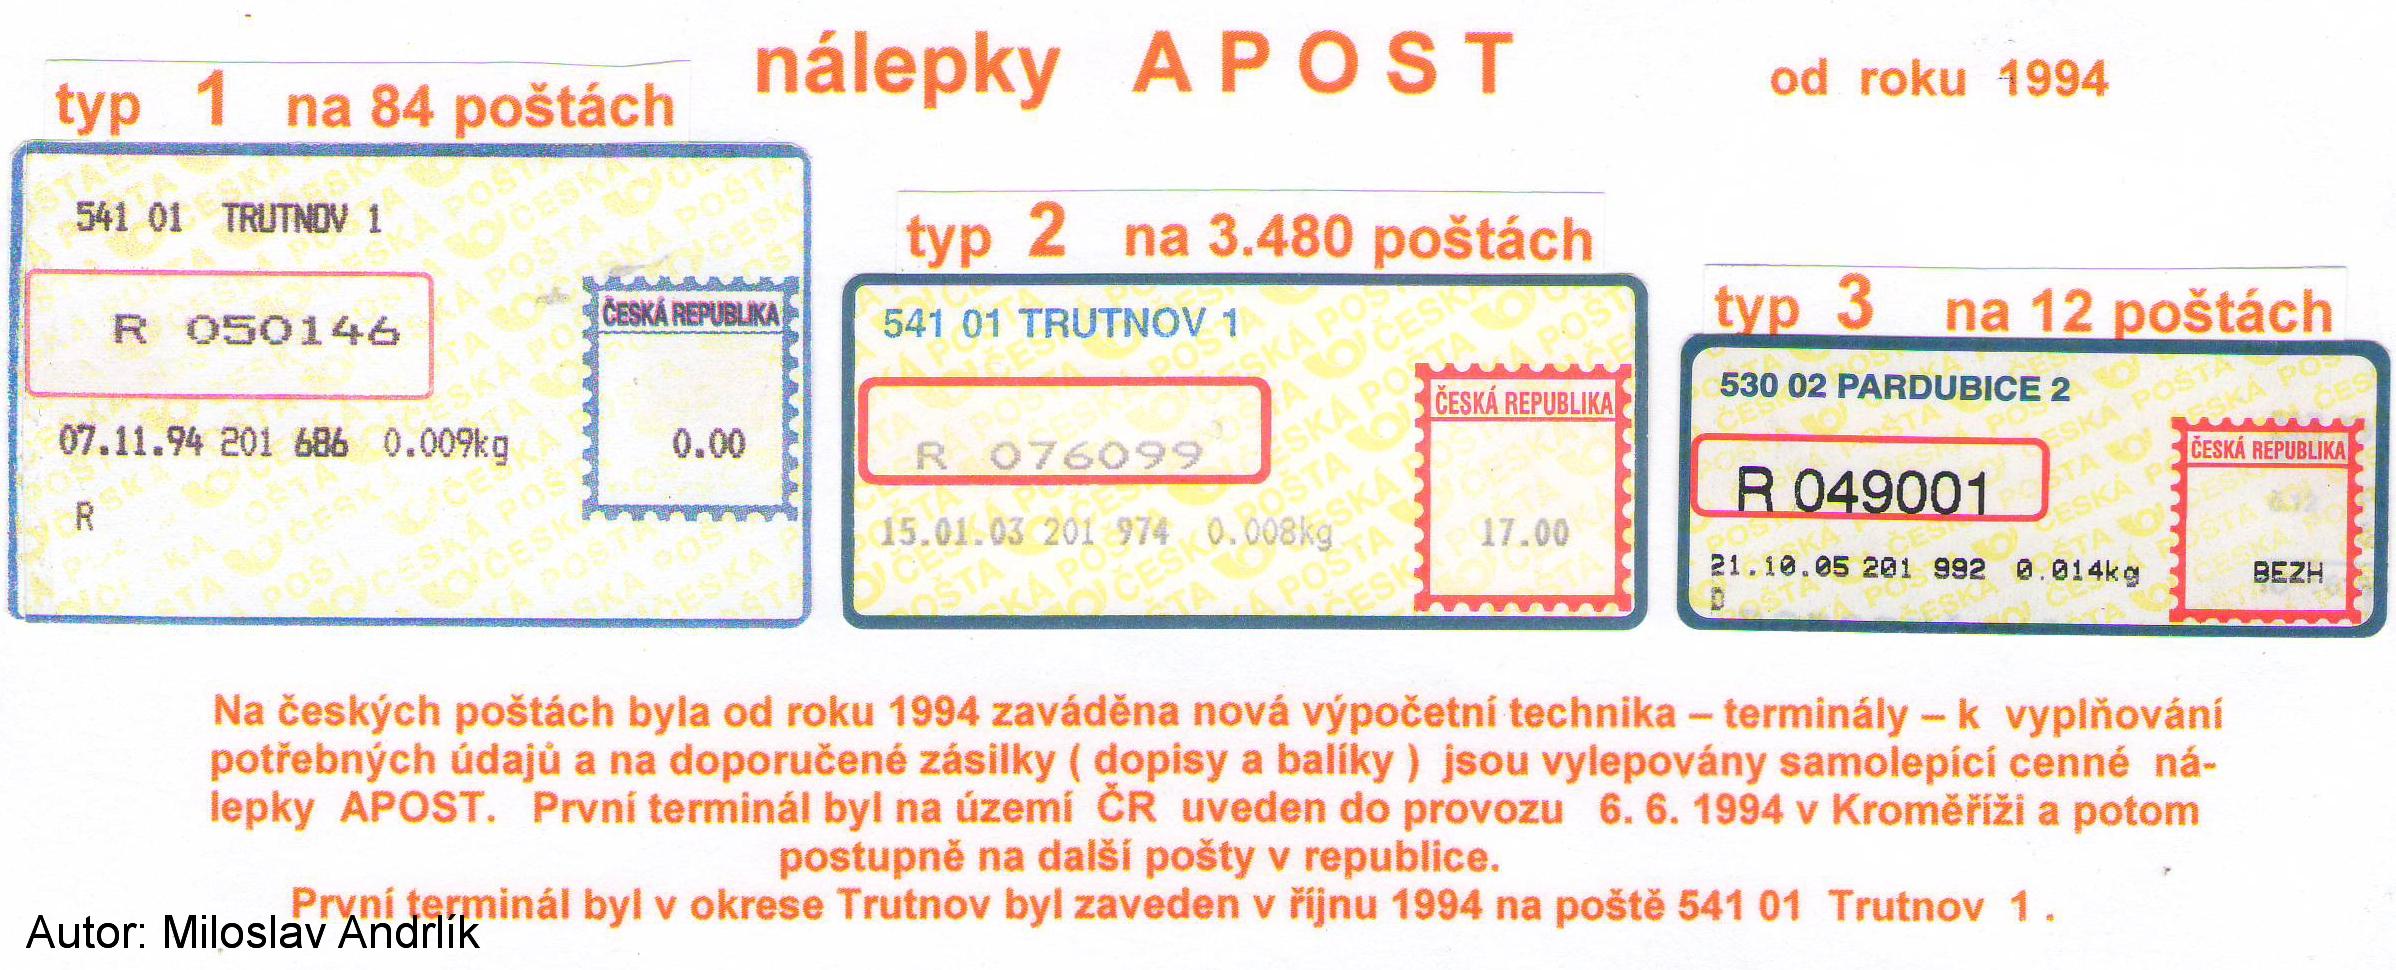 CN Apost pošty Trutnov